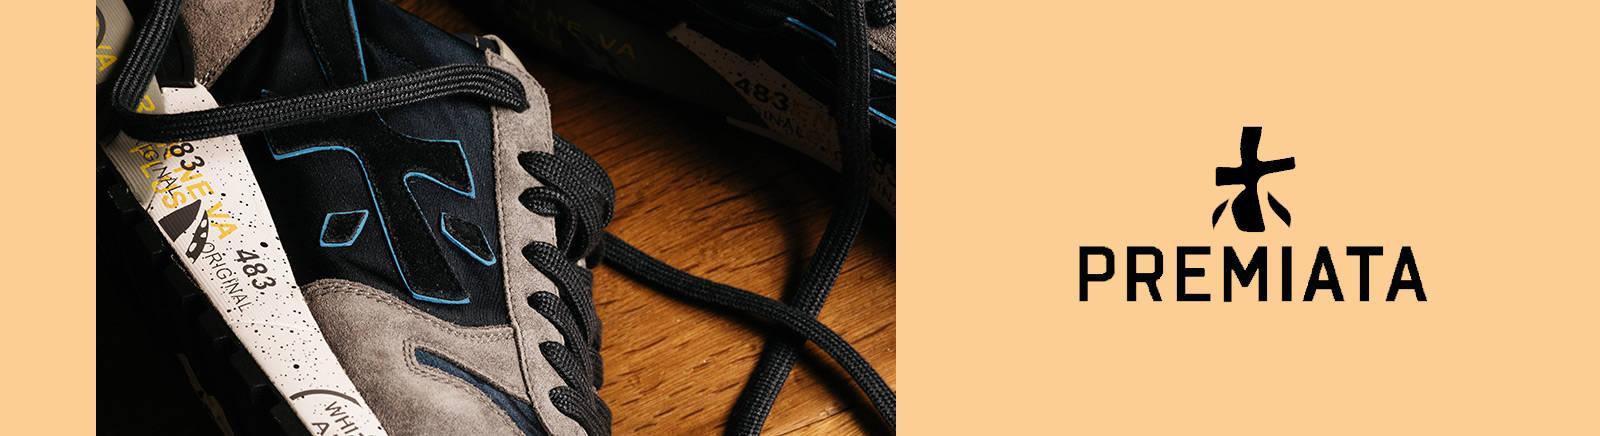 Premiata Herrenschuhe online kaufen im Shop von Prange